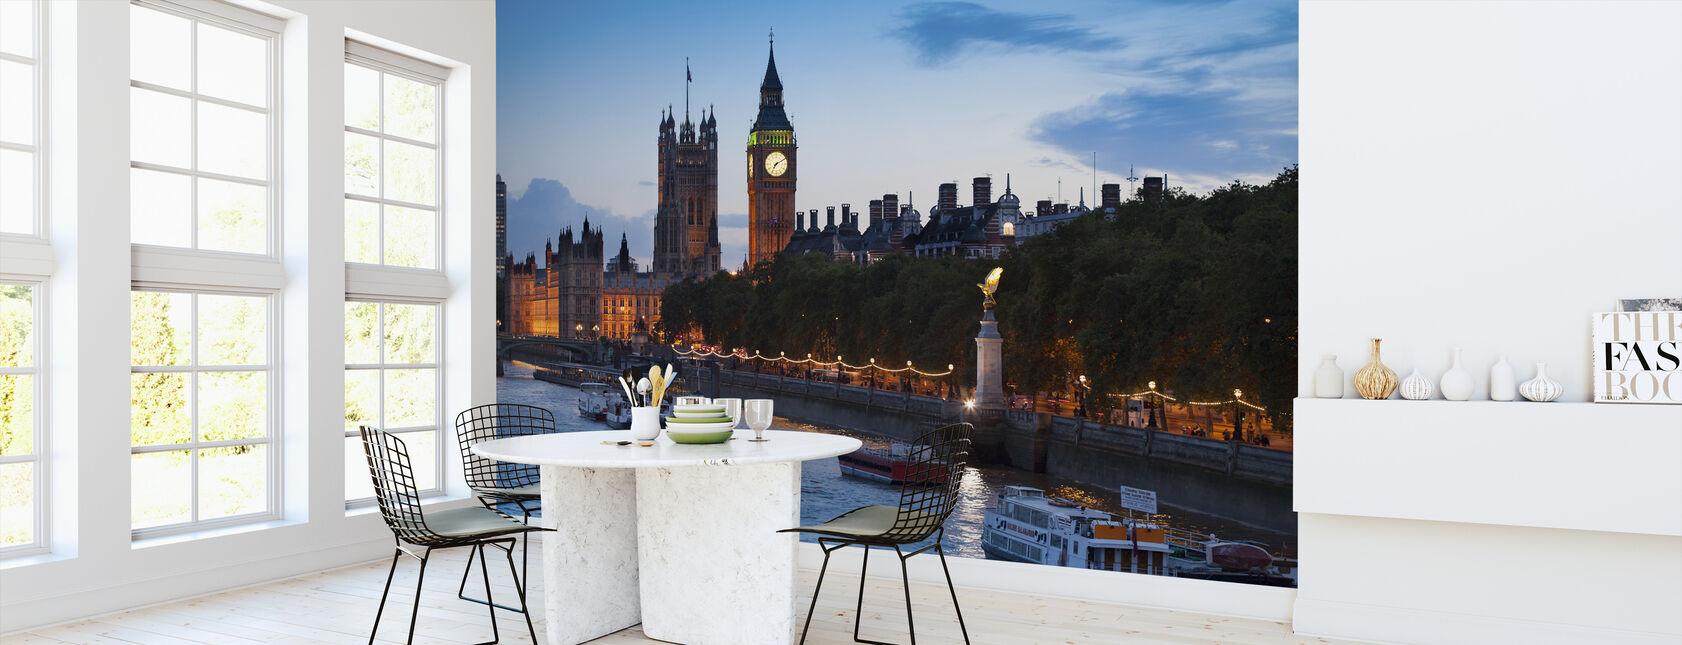 Parlamentsboliger - London - Tapet - Køkken